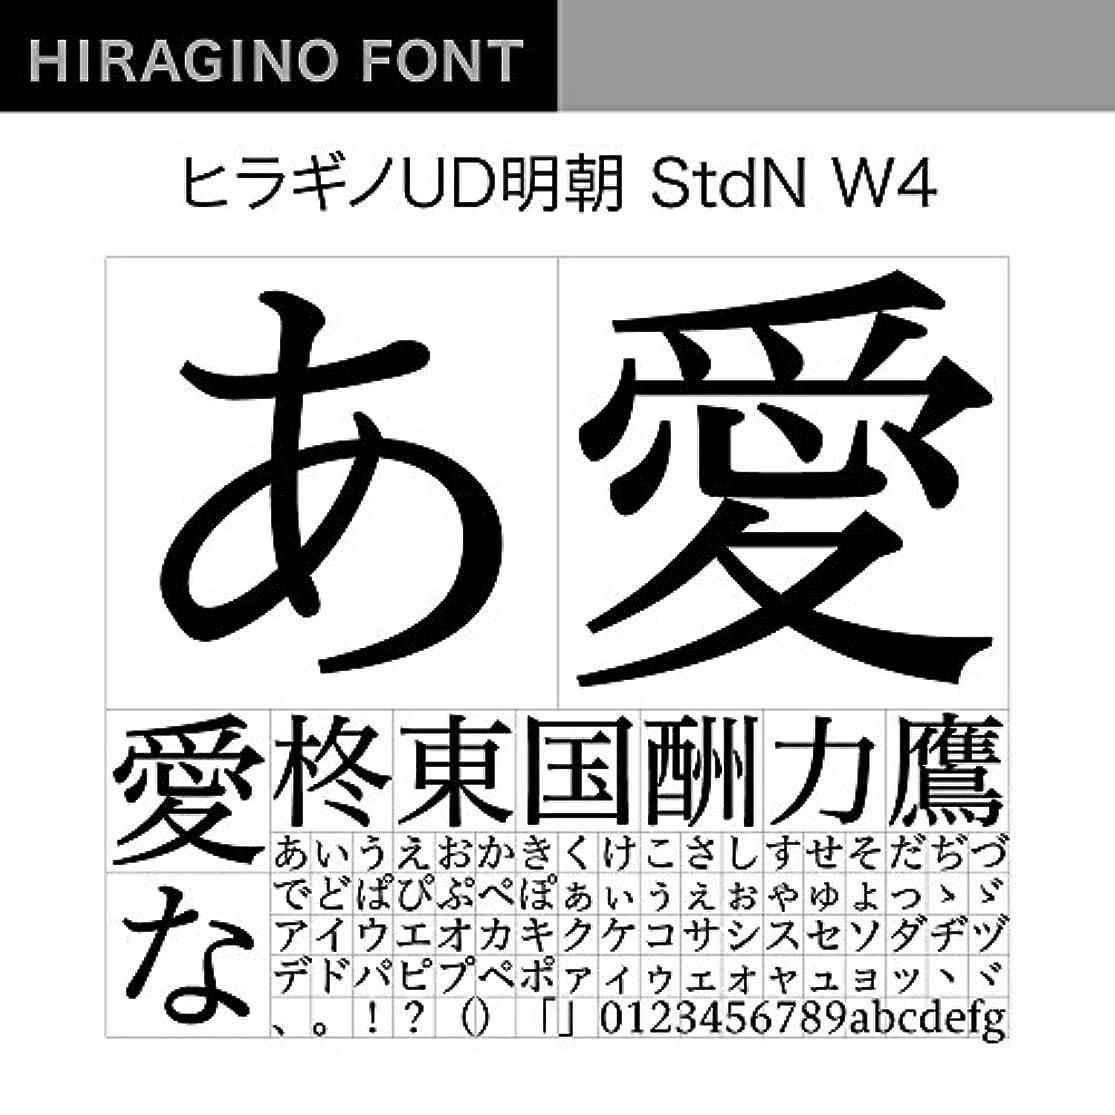 風景メロドラマティック影響OpenType ヒラギノUD明朝 StdN W4 [ダウンロード]